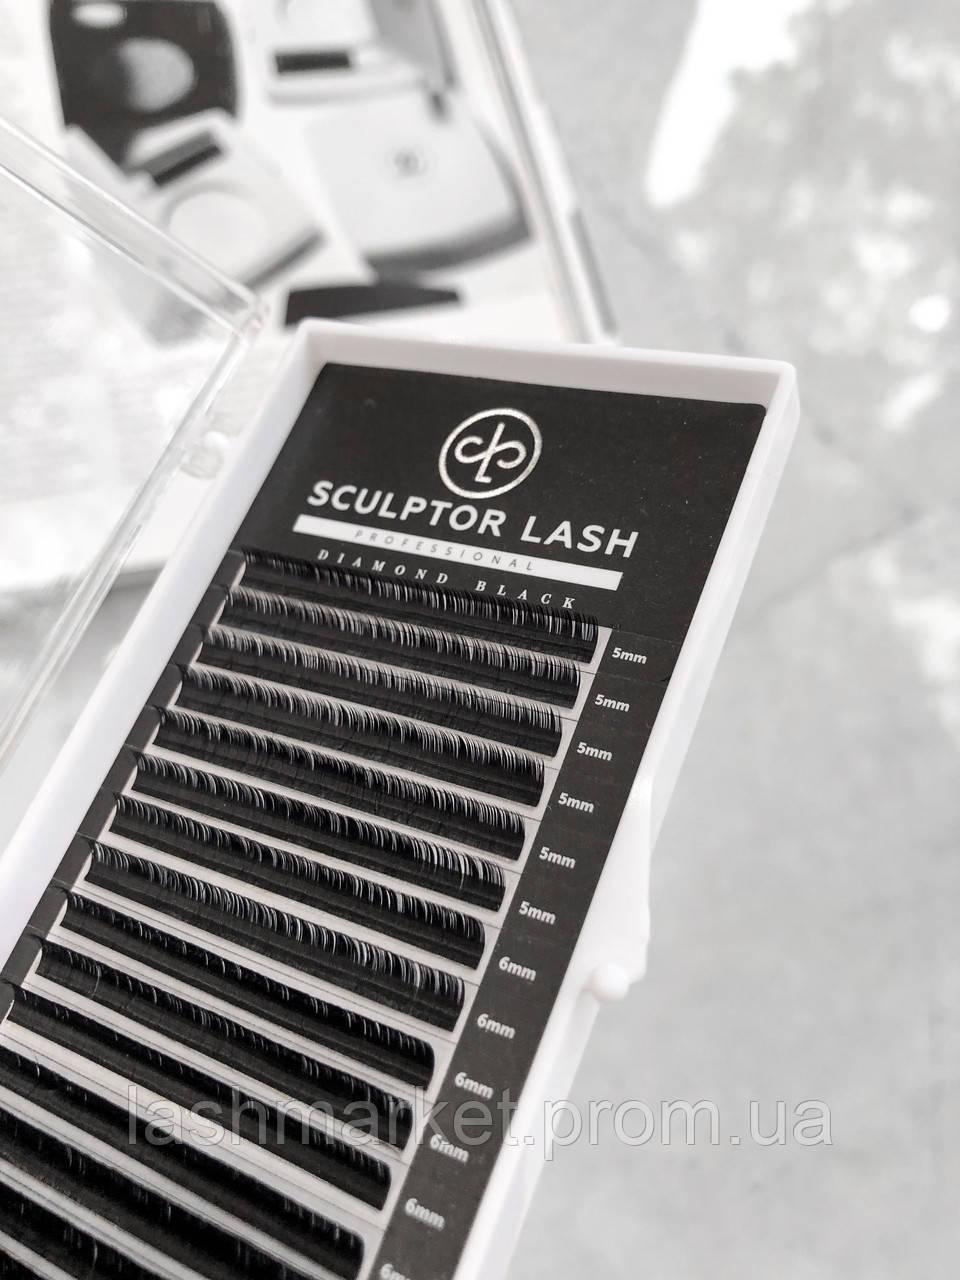 Вії ОТД ДОВЖИНА CC 0.10 -8 мм Sculptor Lash Diamond Black чорні(для нарощування вій)